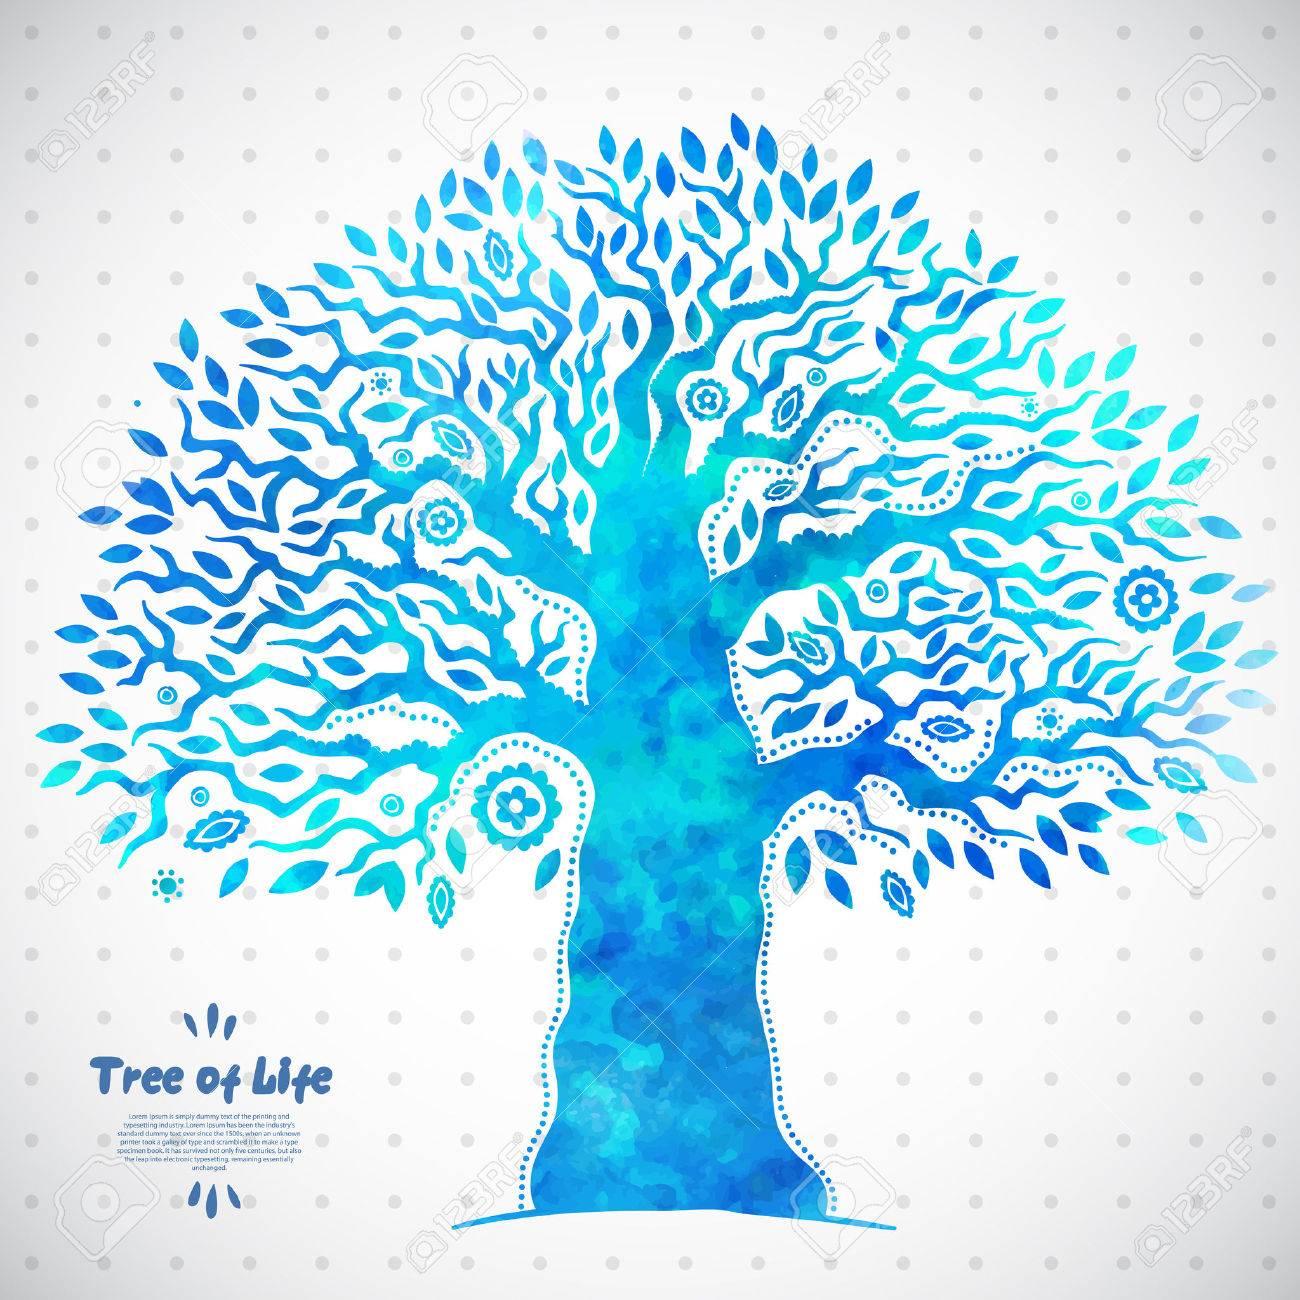 a8d0865179c7 Beautiful vector único de la acuarela del árbol de la vida étnica Foto de  archivo -